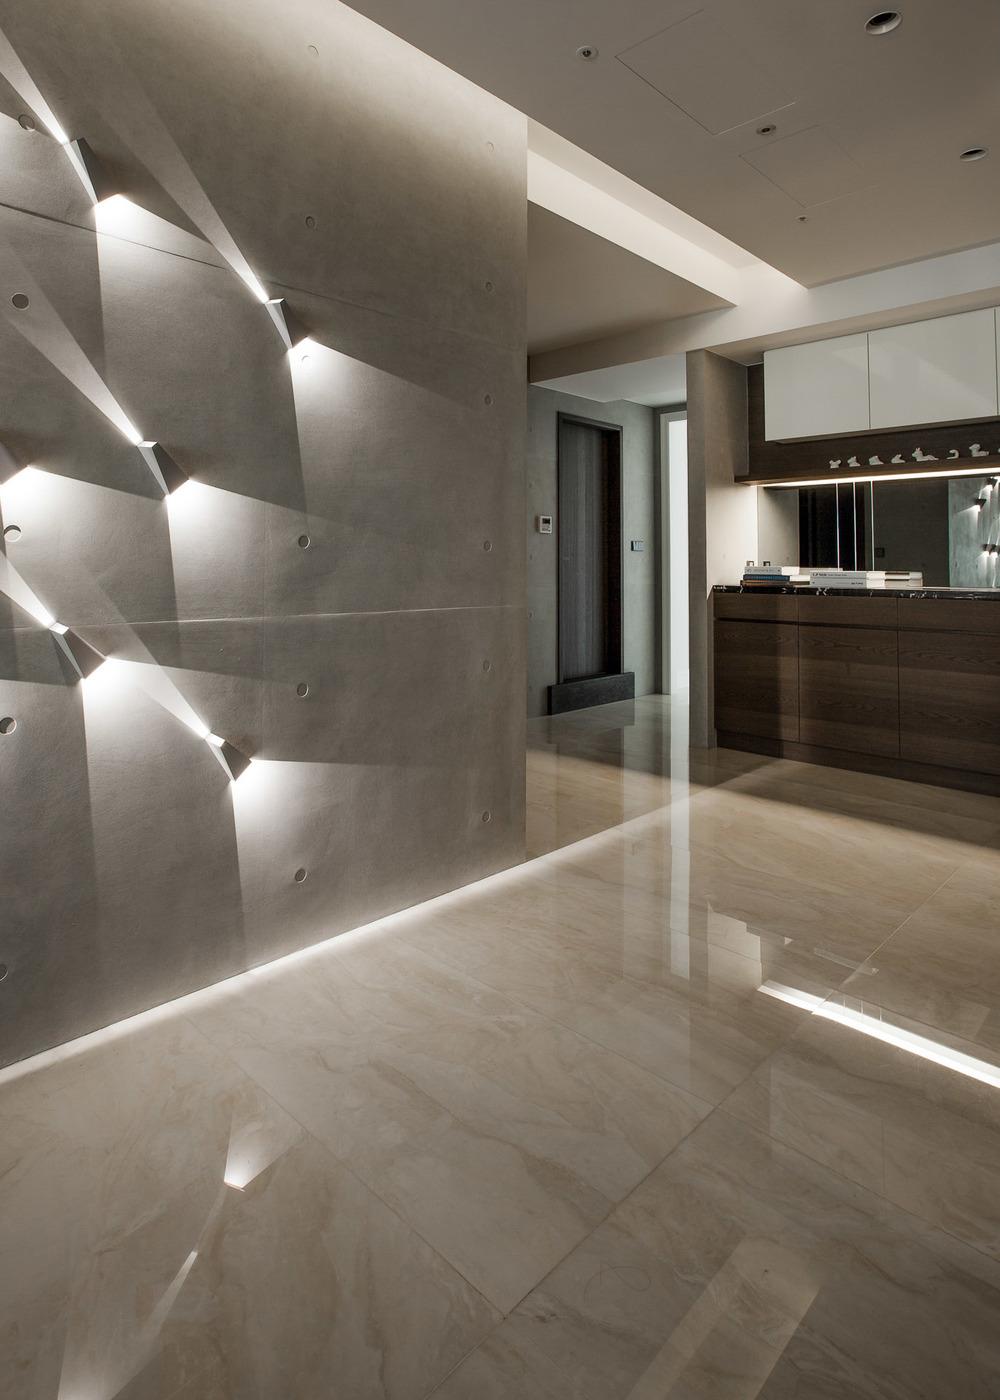 Interior-024-2.jpg